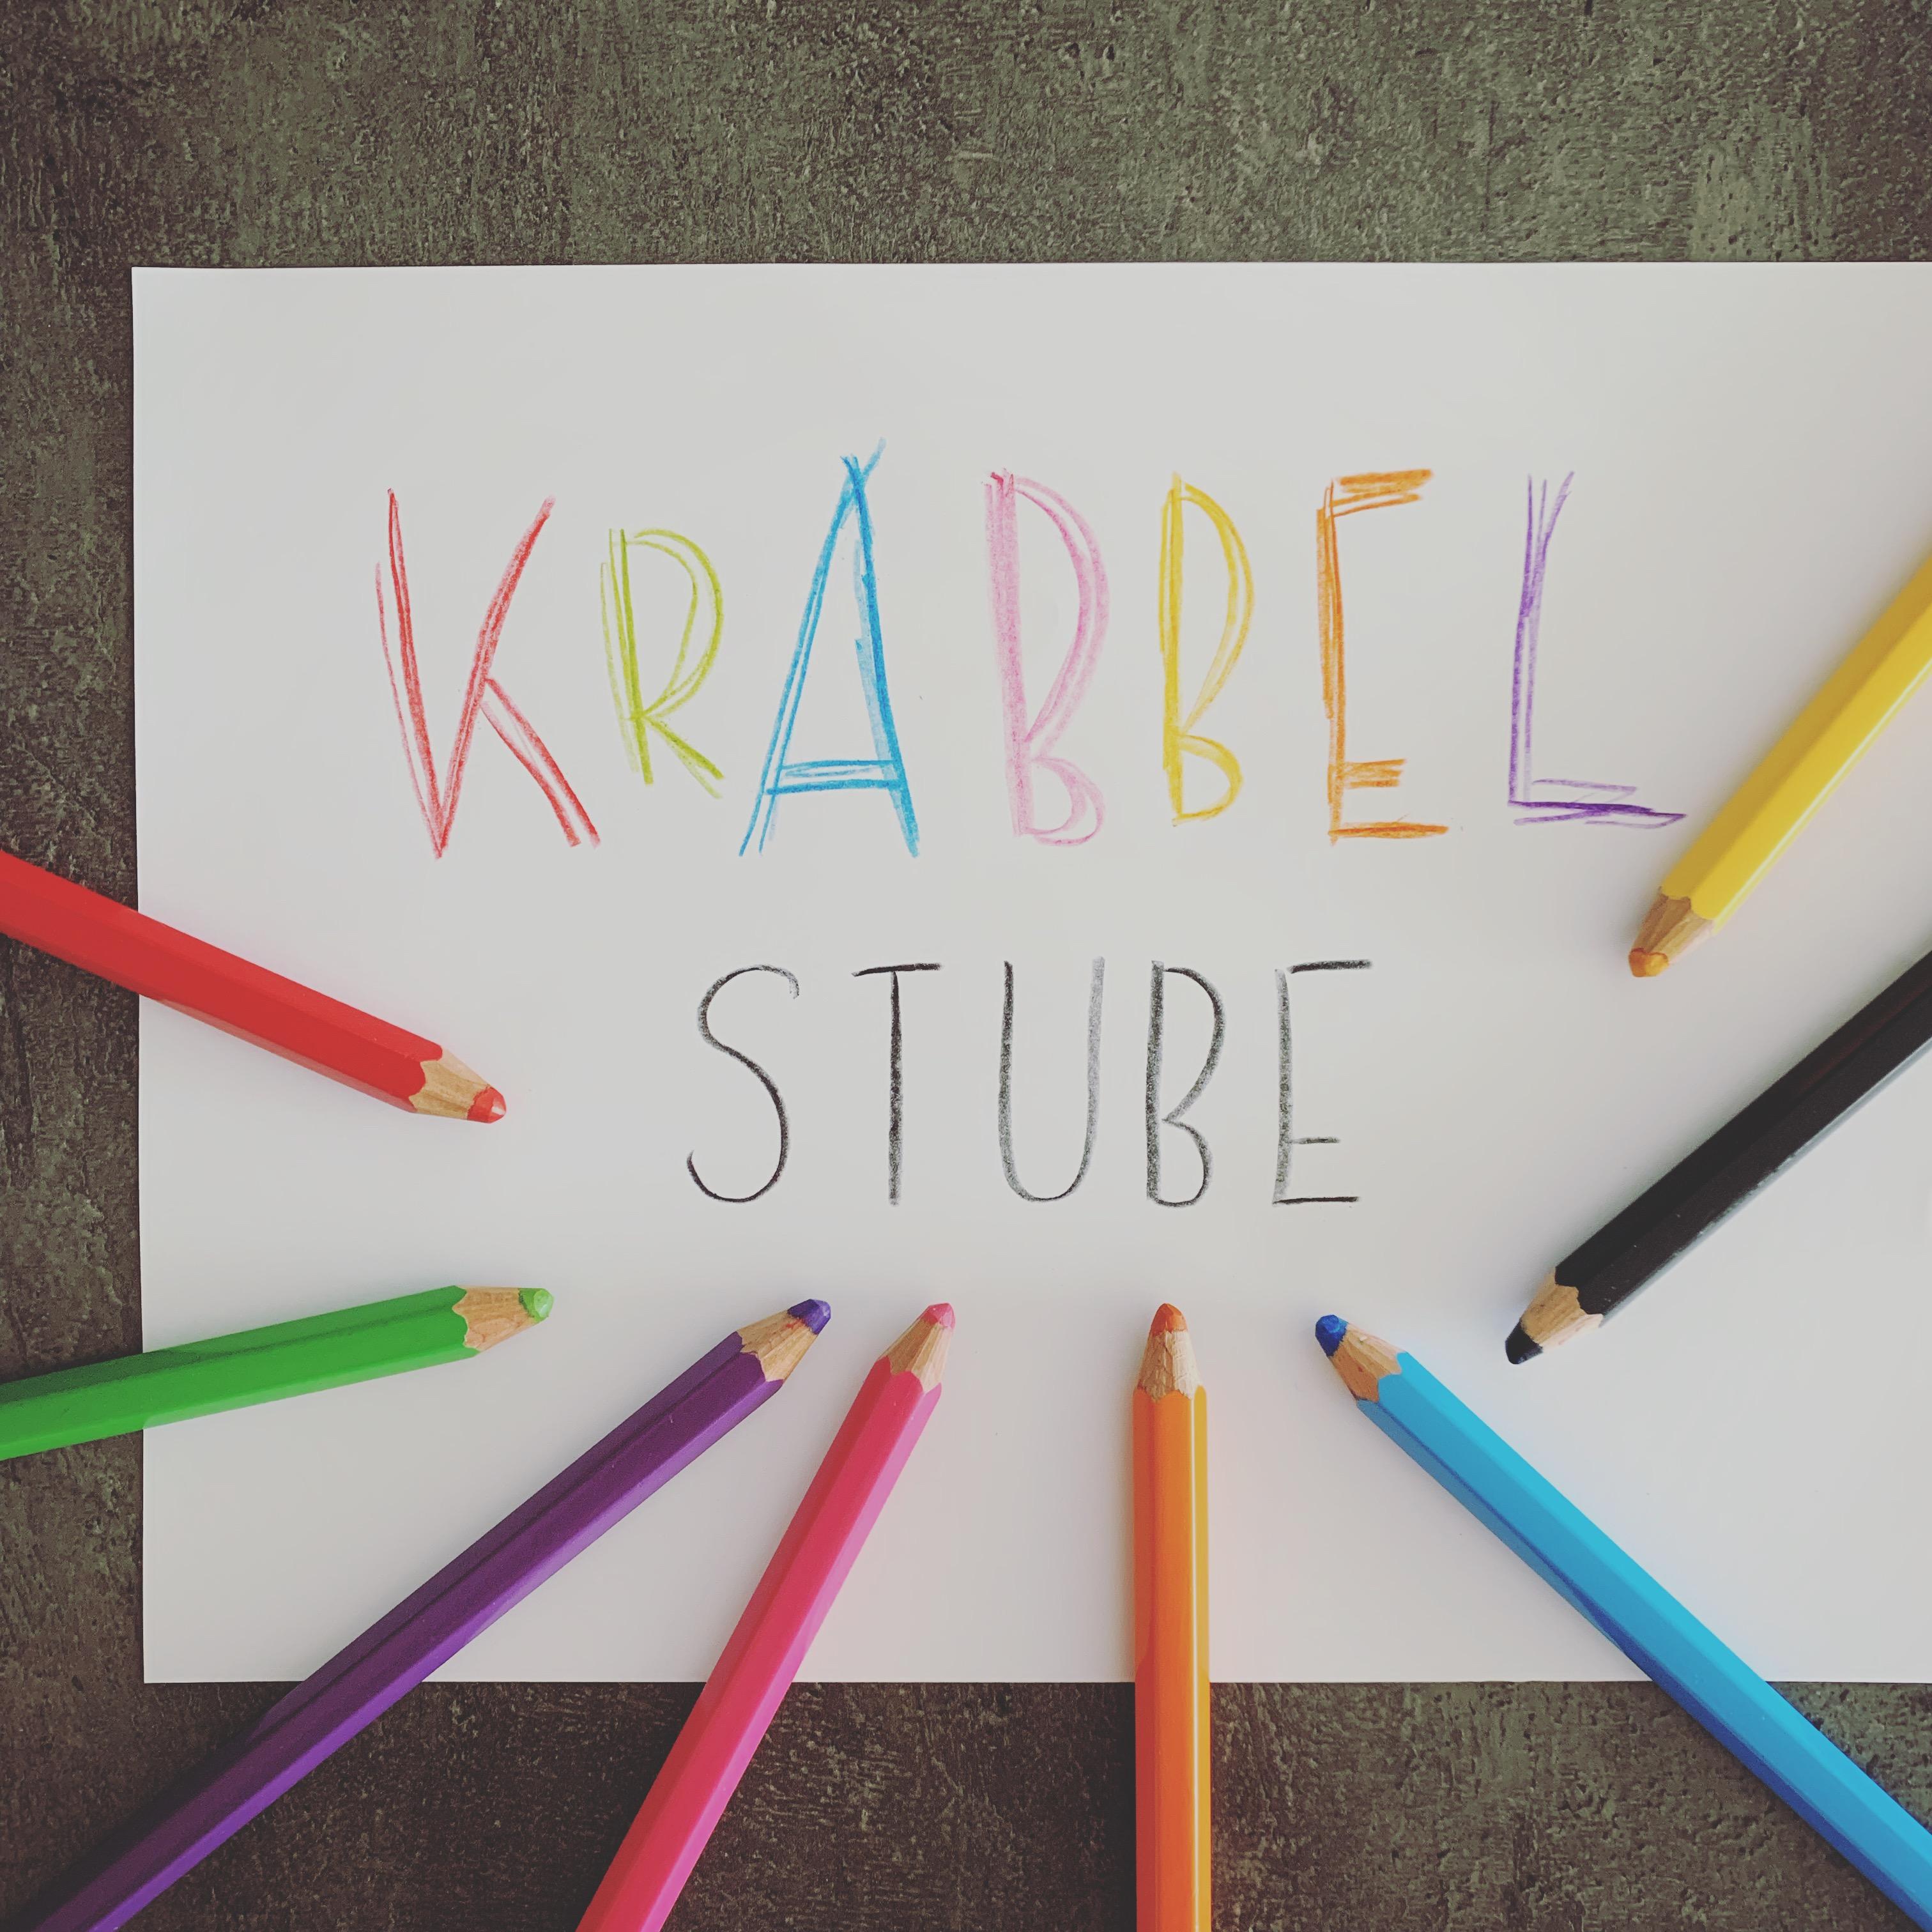 Krabbelstube Namensetiketten